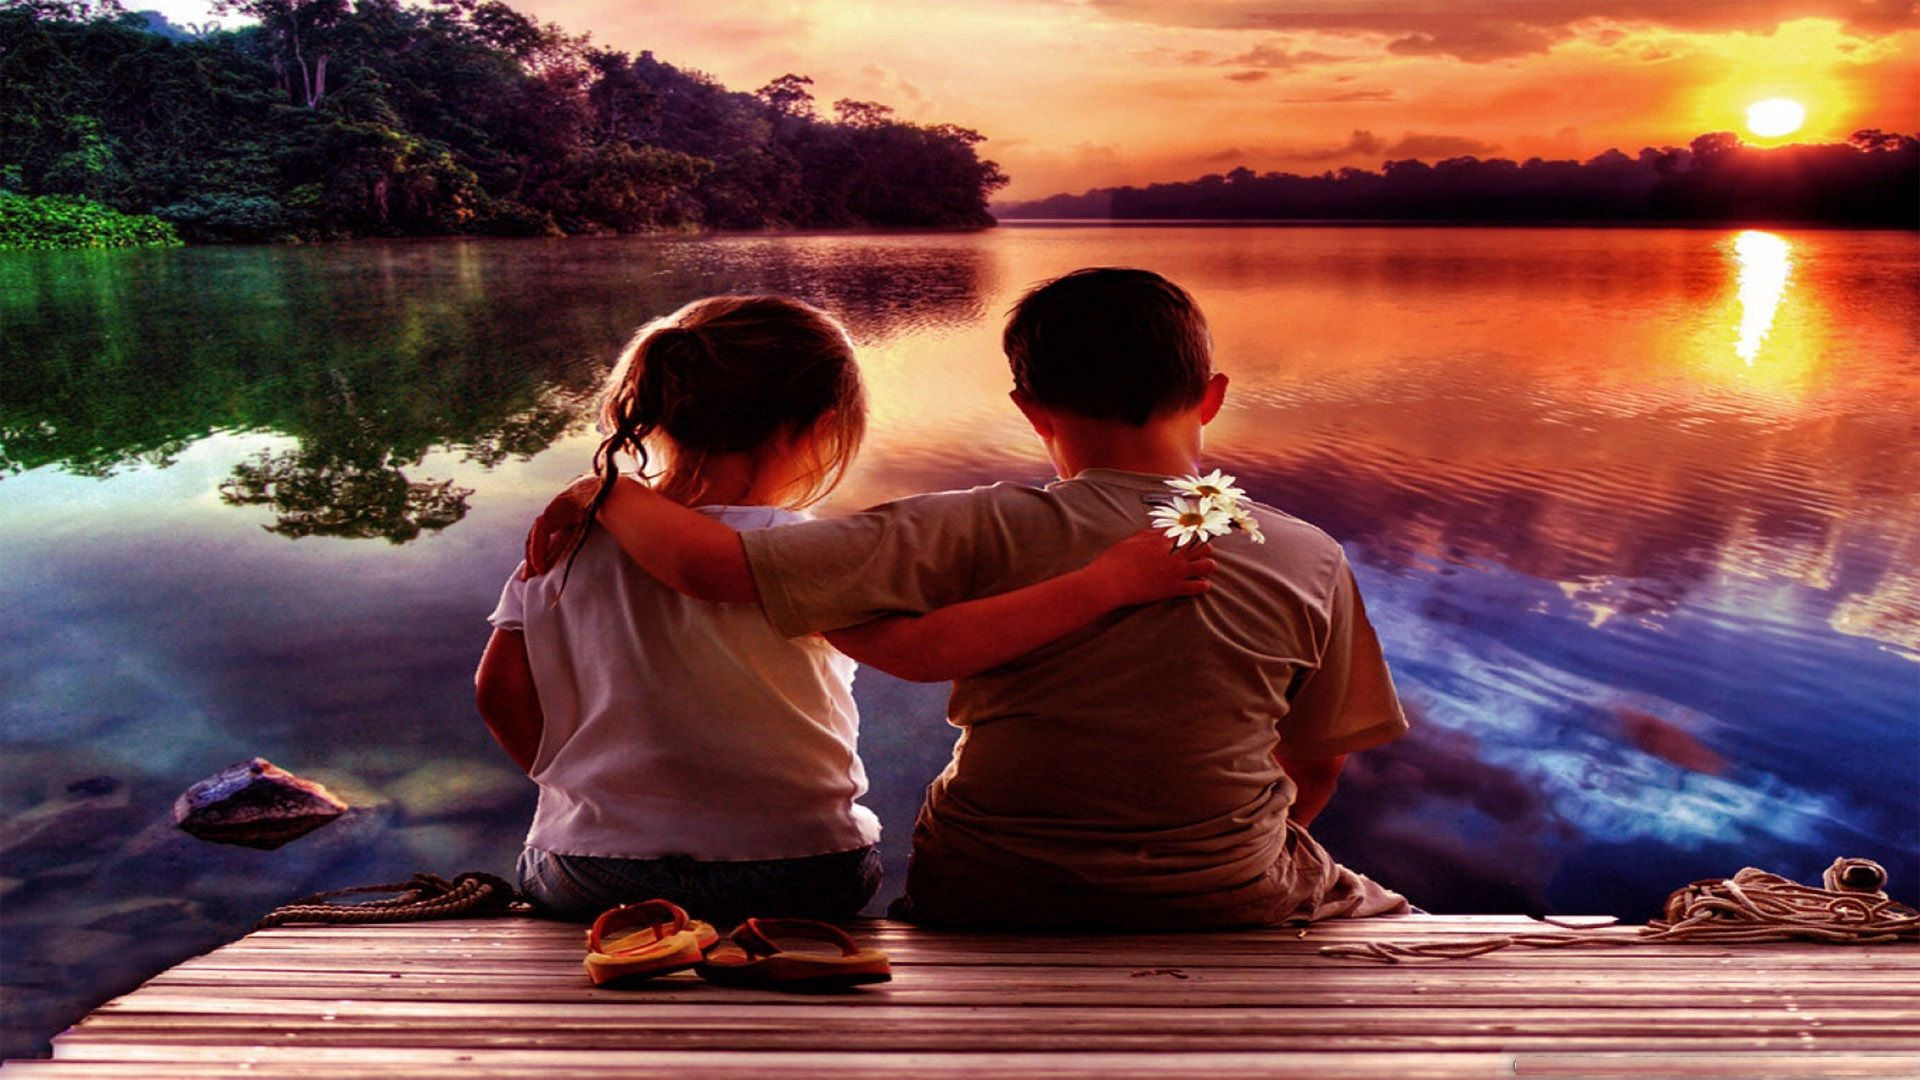 Romantic 1080p Hd Wallpaper Teenage Love Unique Hd Wallpaper